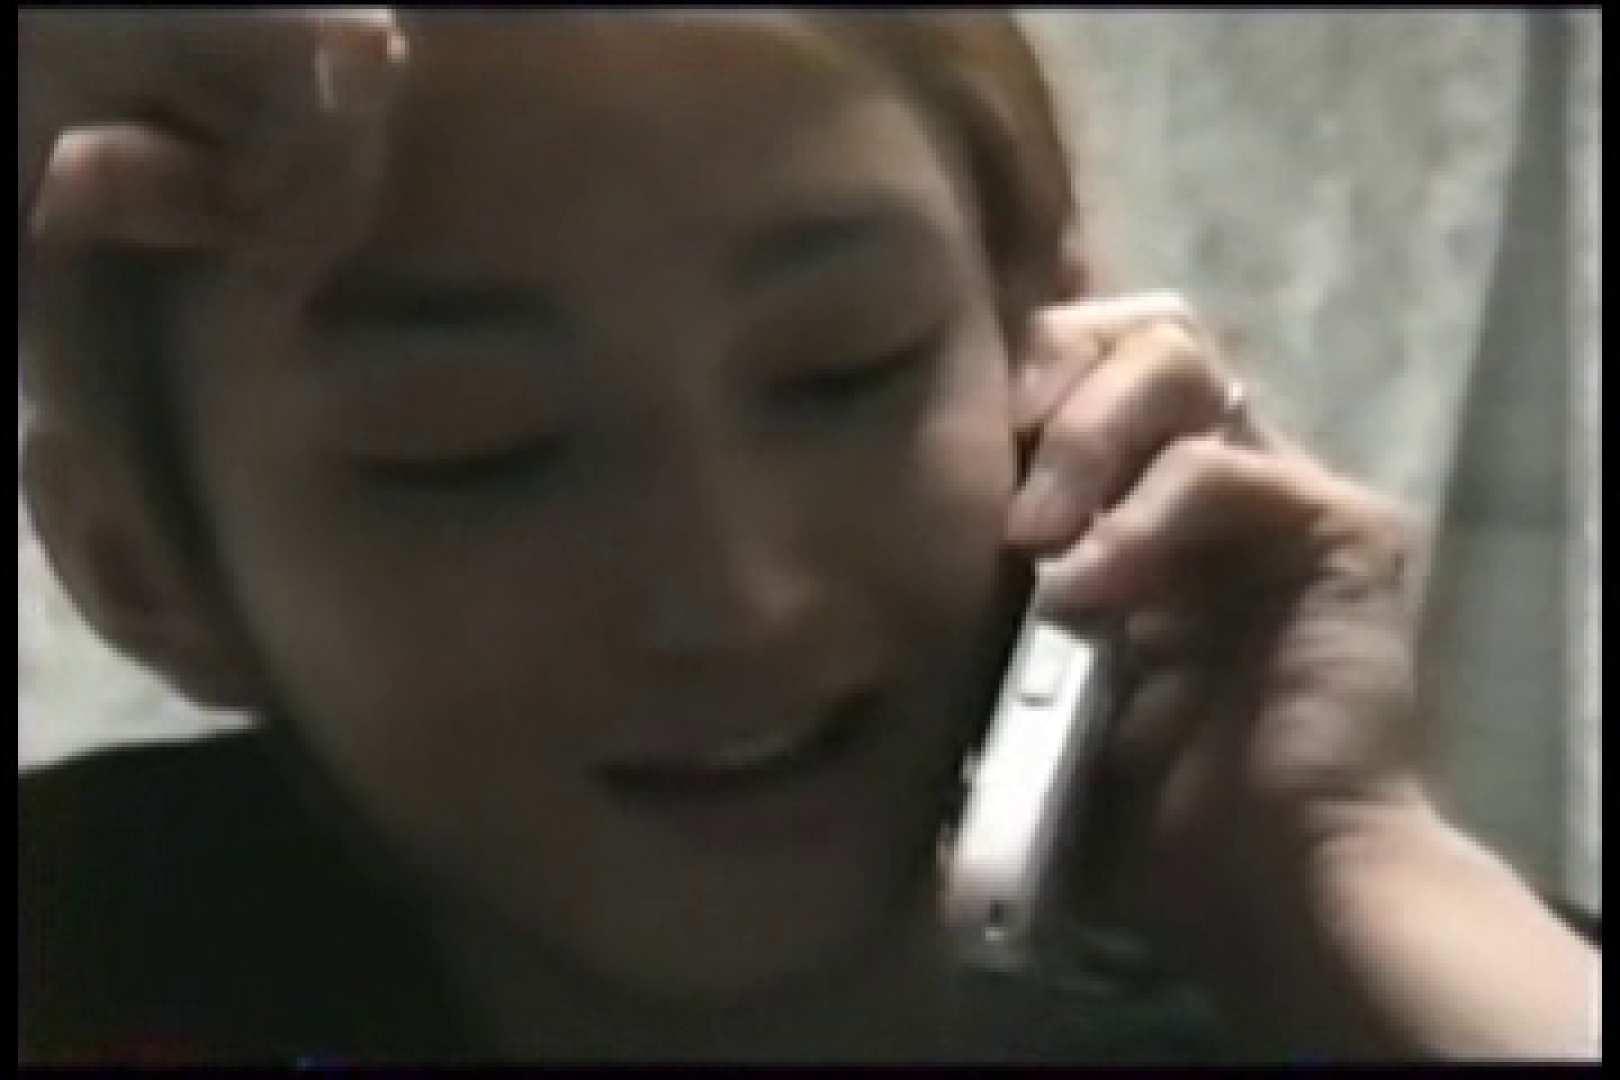 【流出】アイドルを目指したジャニ系イケメンの過去 射精 ゲイエロビデオ画像 61枚 18